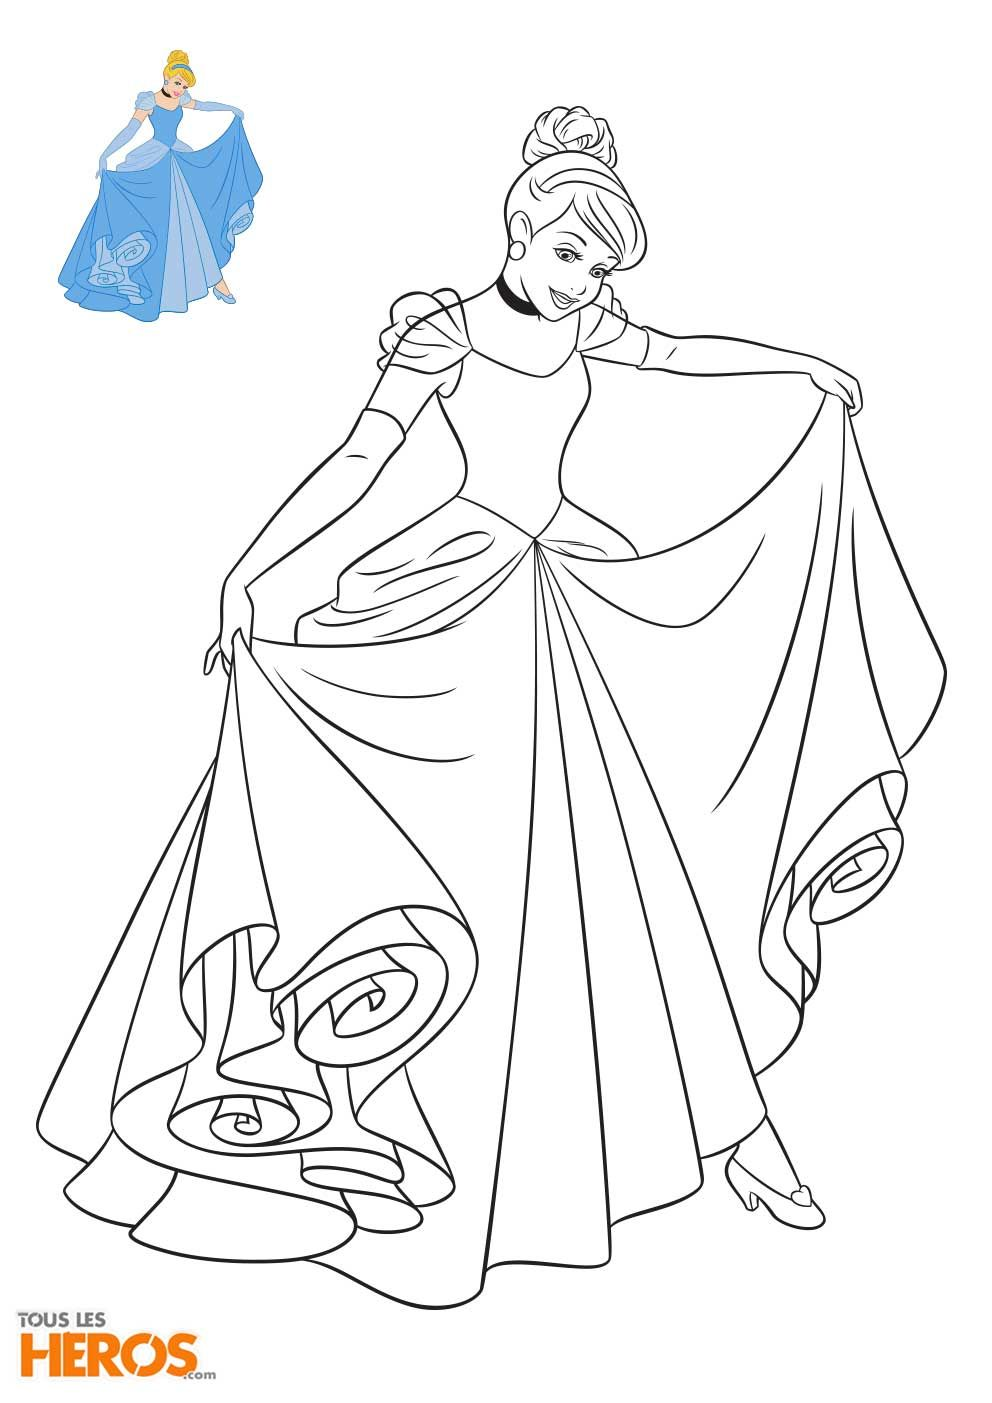 Coloriage De Princesse Blanche Neige A Imprimer.Cette Semaine Tous Les Heros Vous Propose D Imprimer 5 Nouveaux